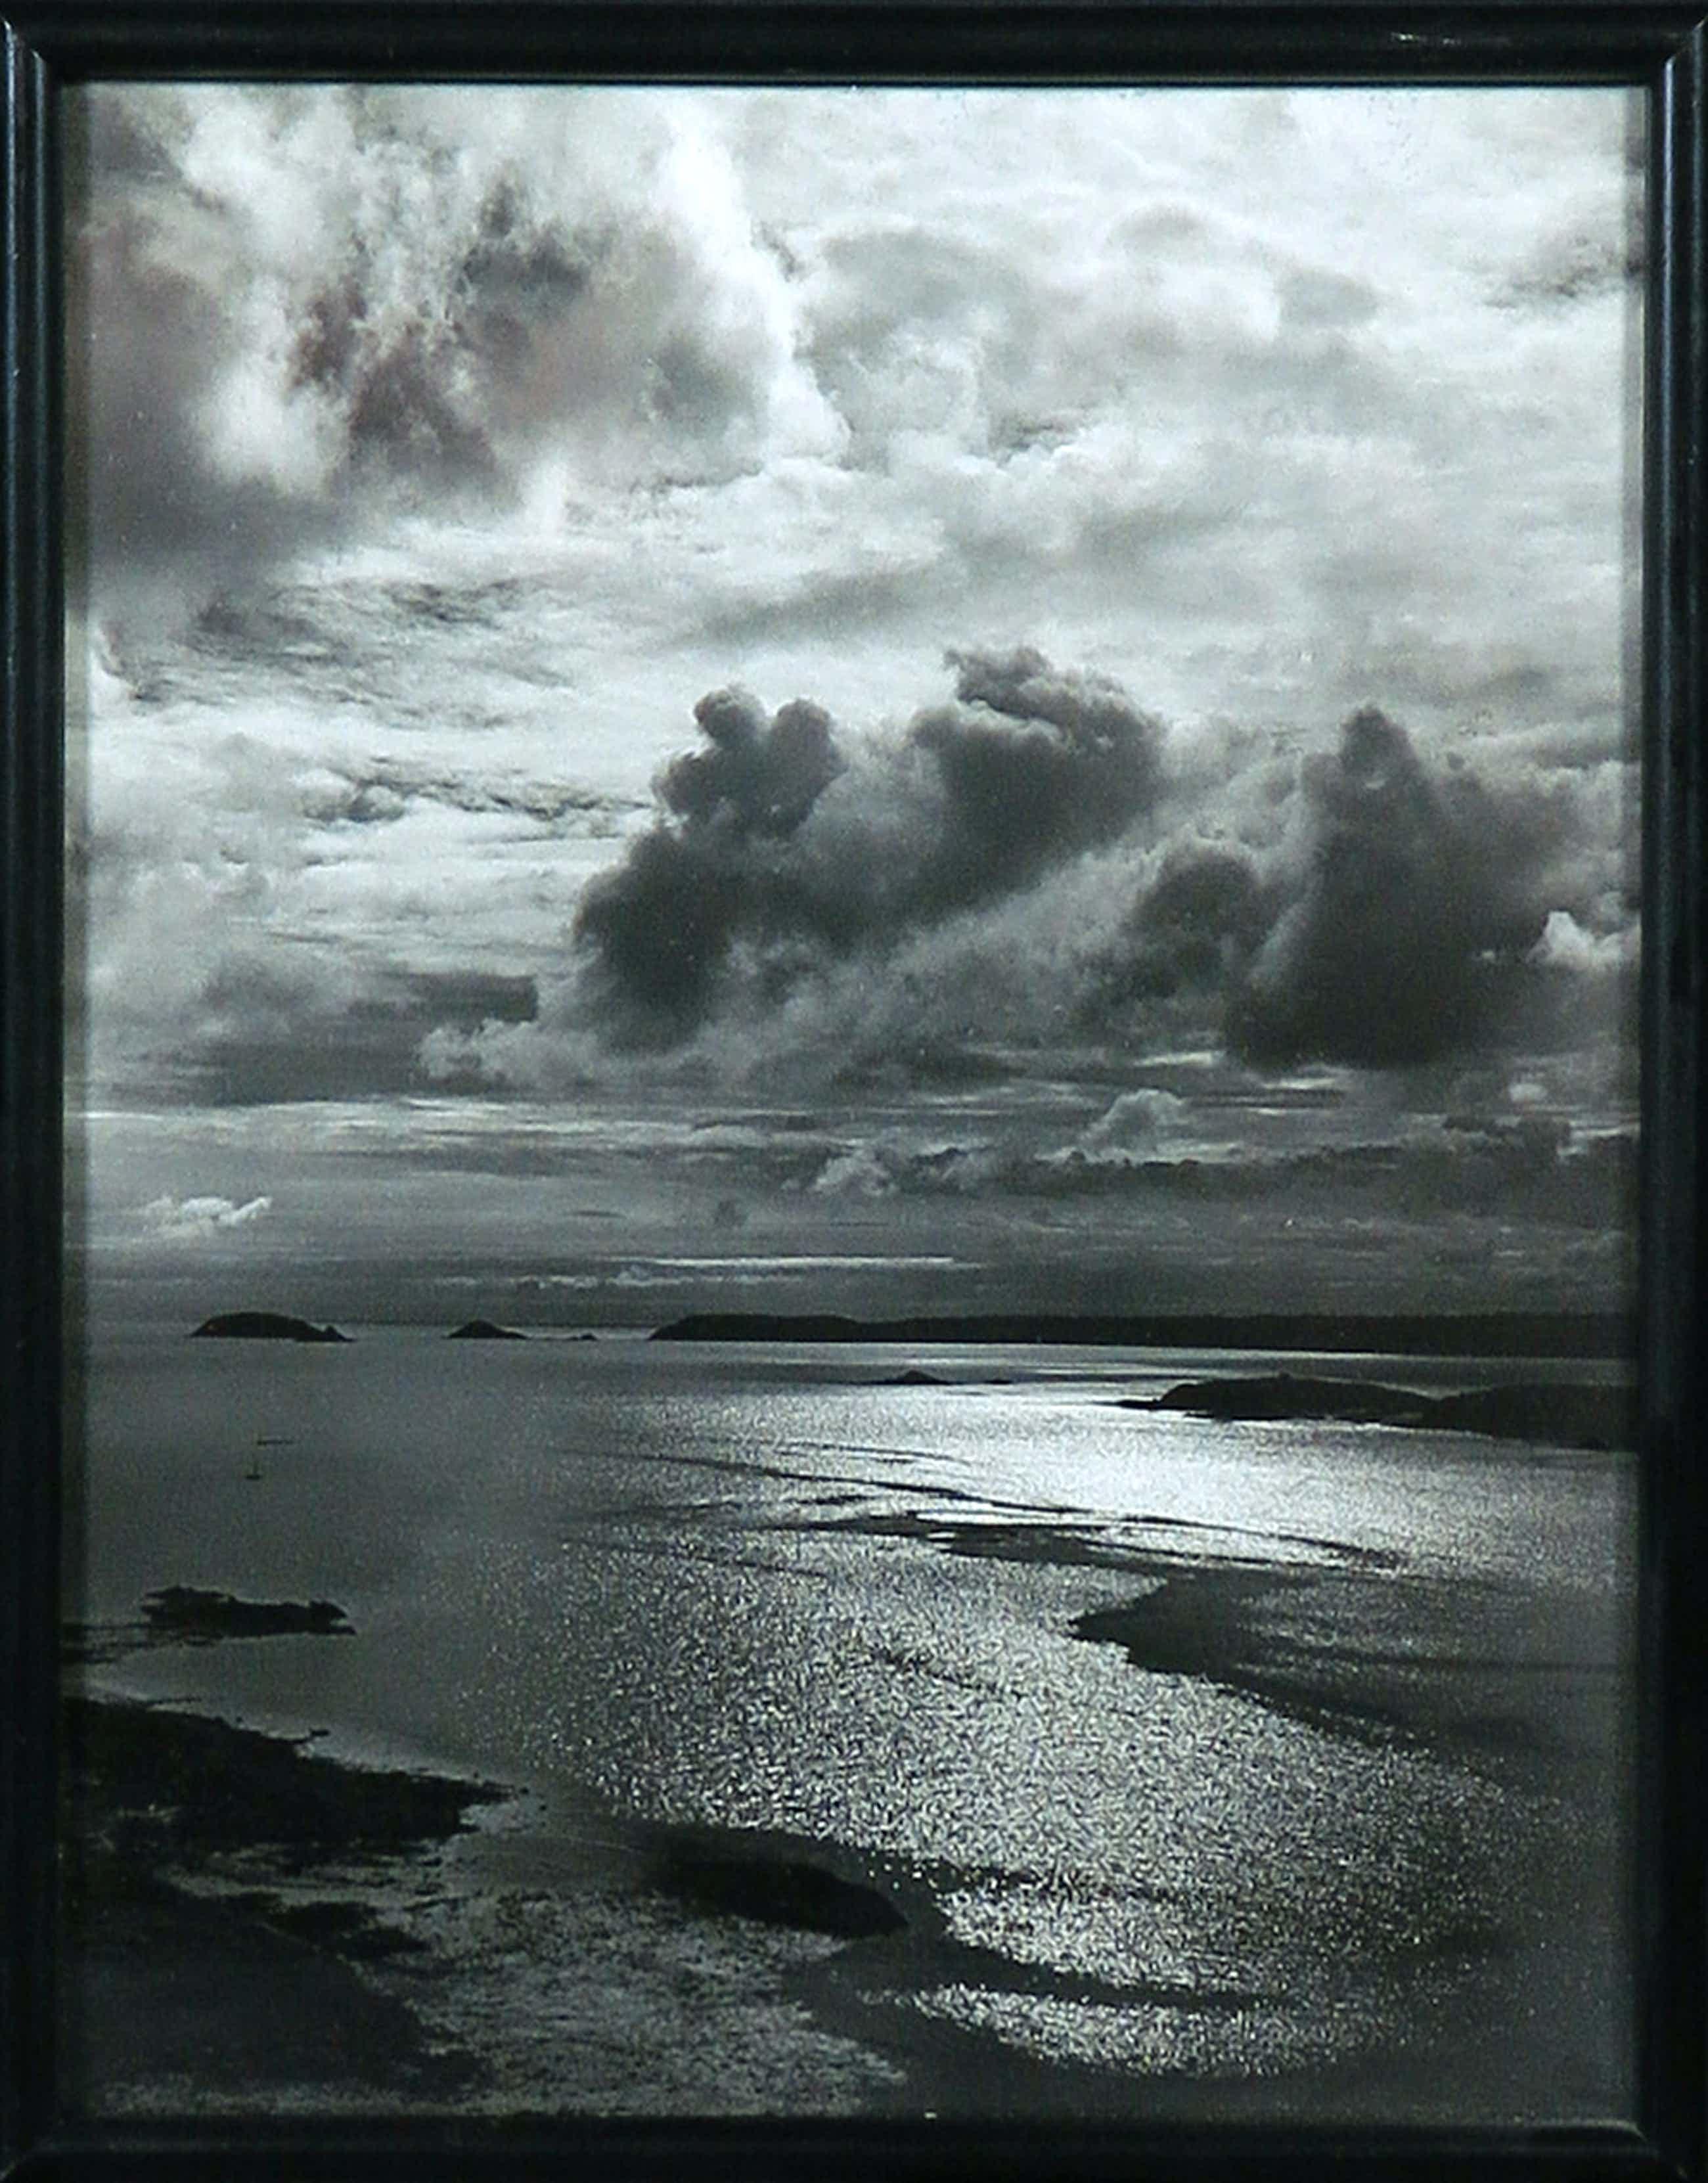 Paul Huf - Klassieke Foto, Bretagne 1950 kopen? Bied vanaf 15!